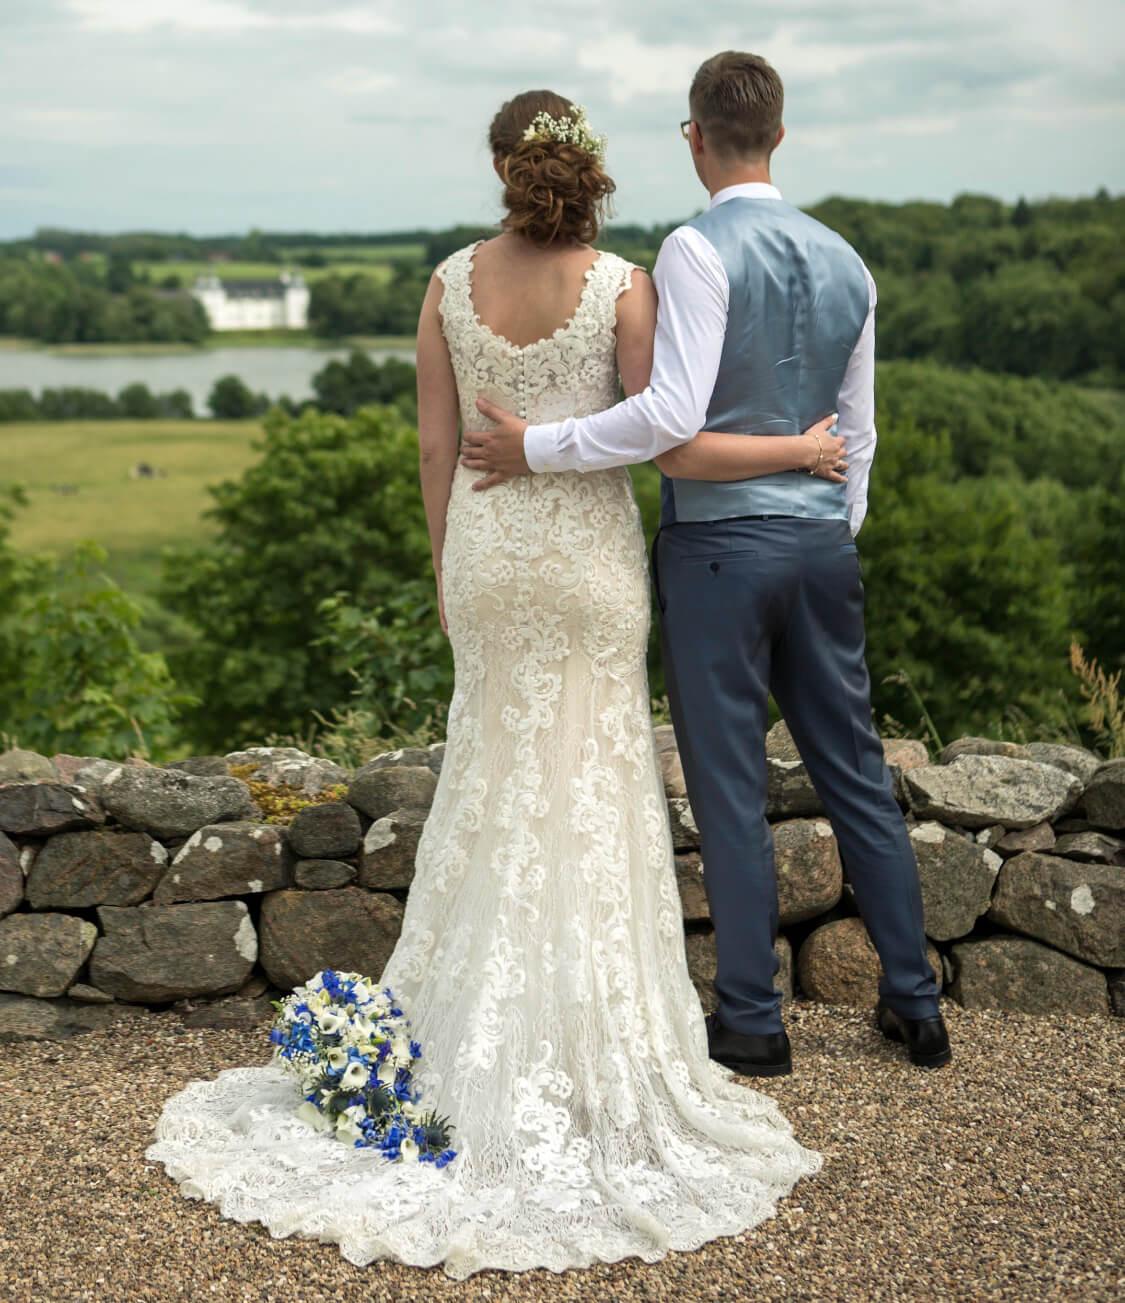 Chanelladreams Susannes brudekjole